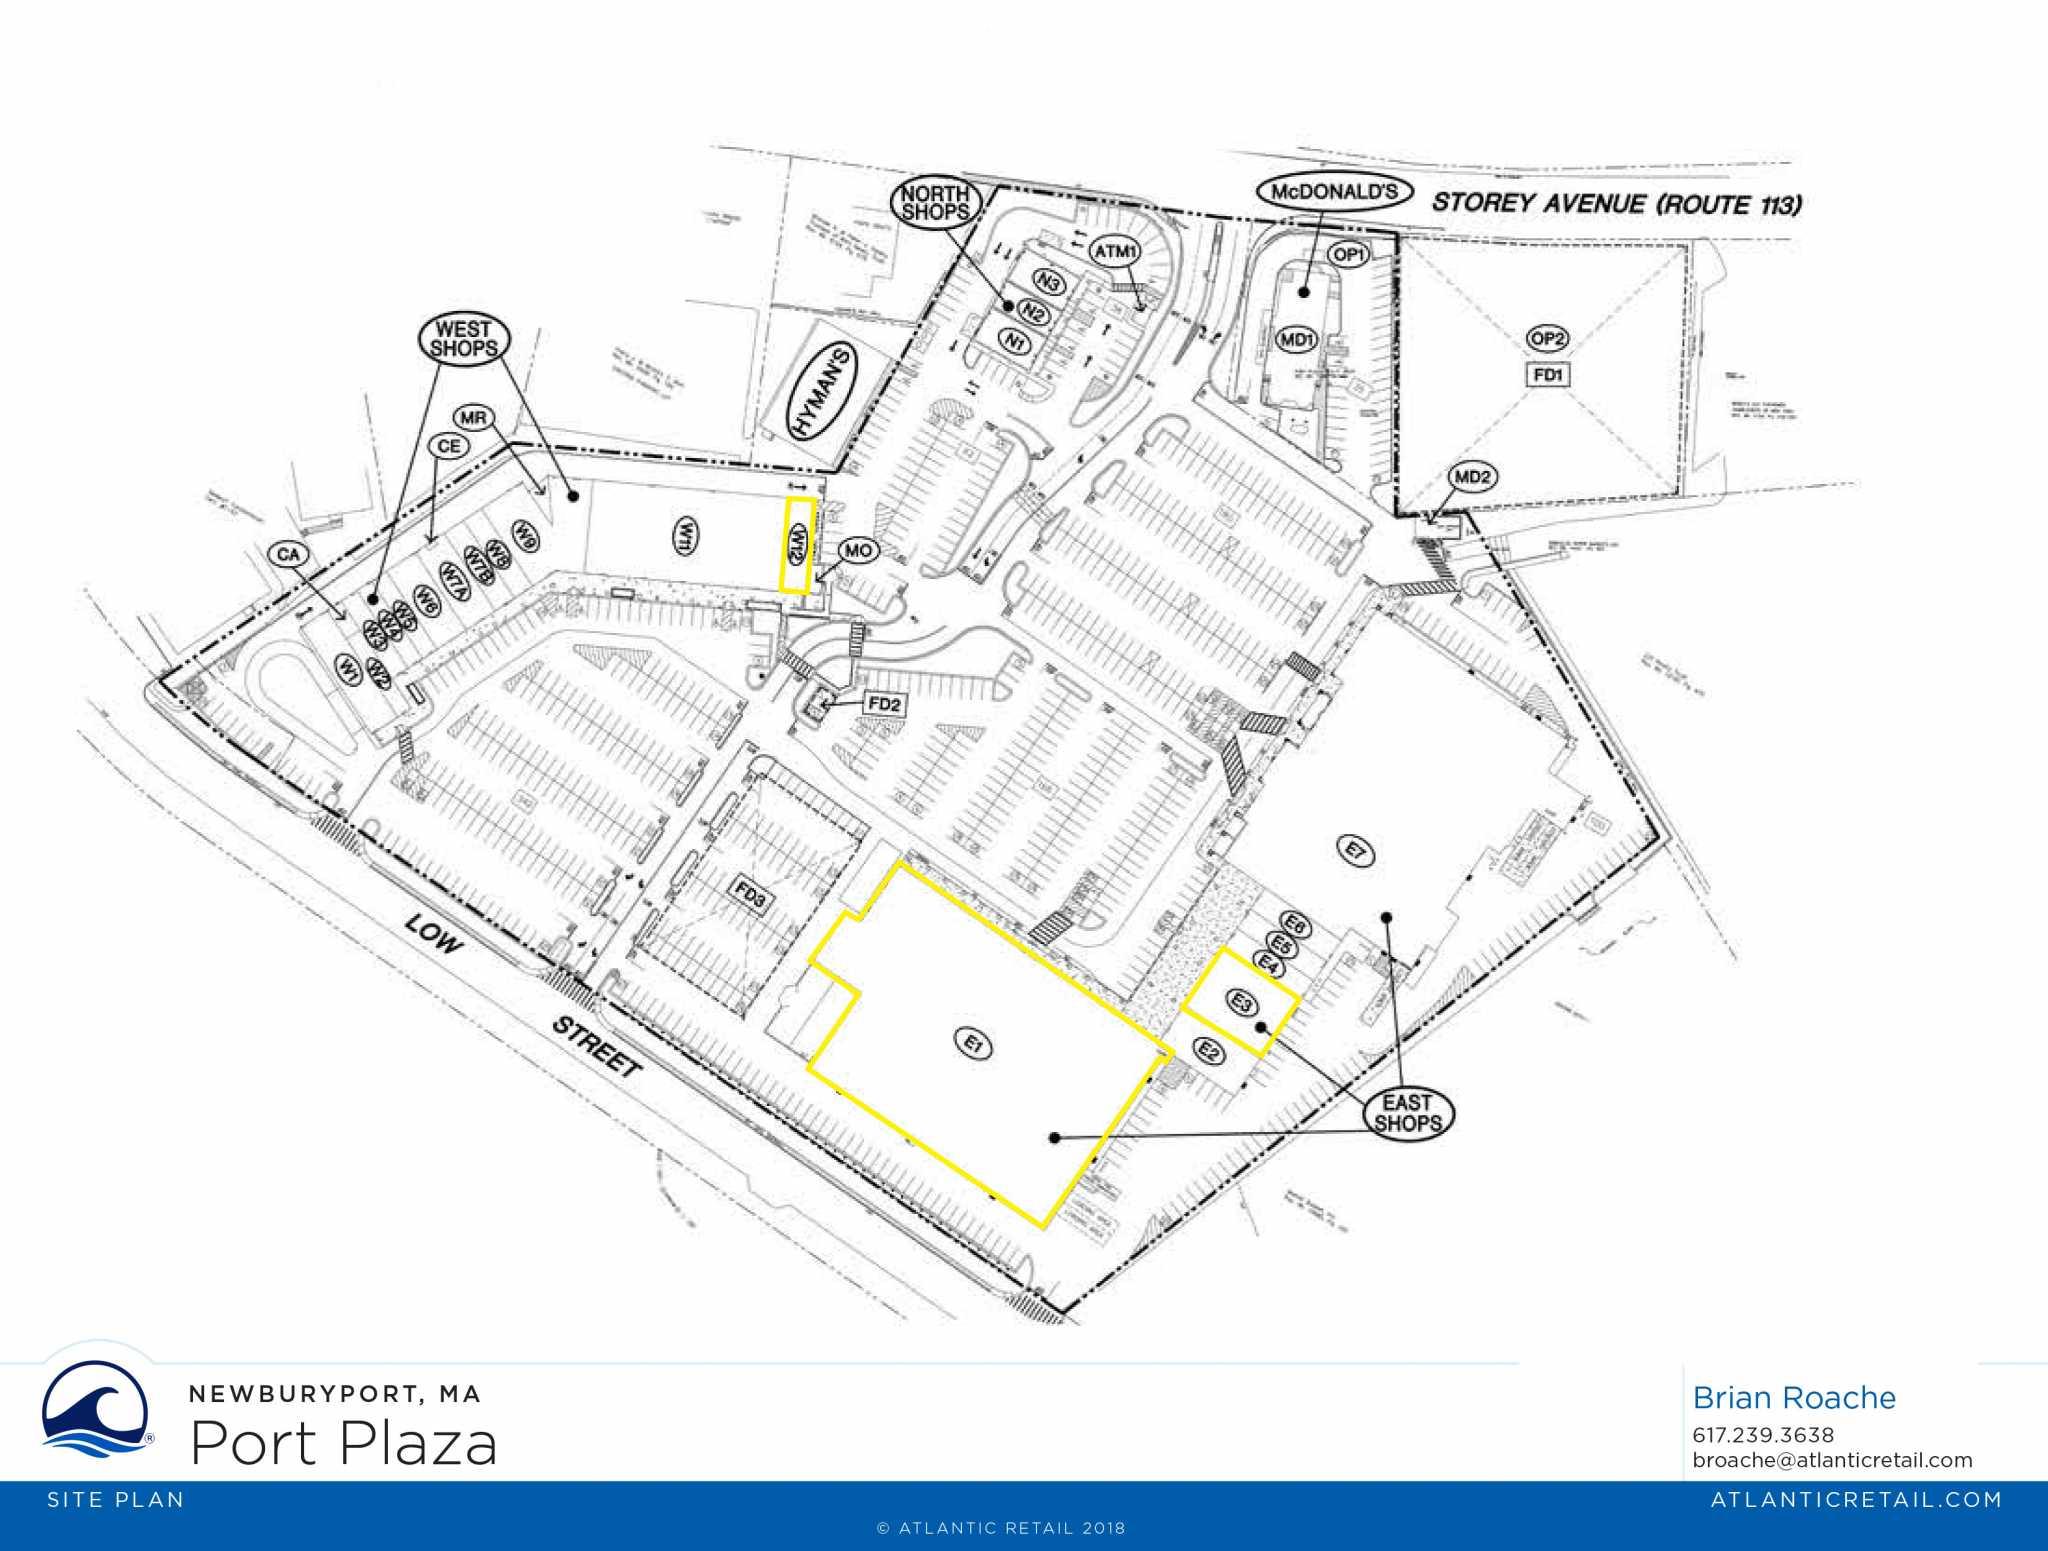 <!--Port Plaza-->